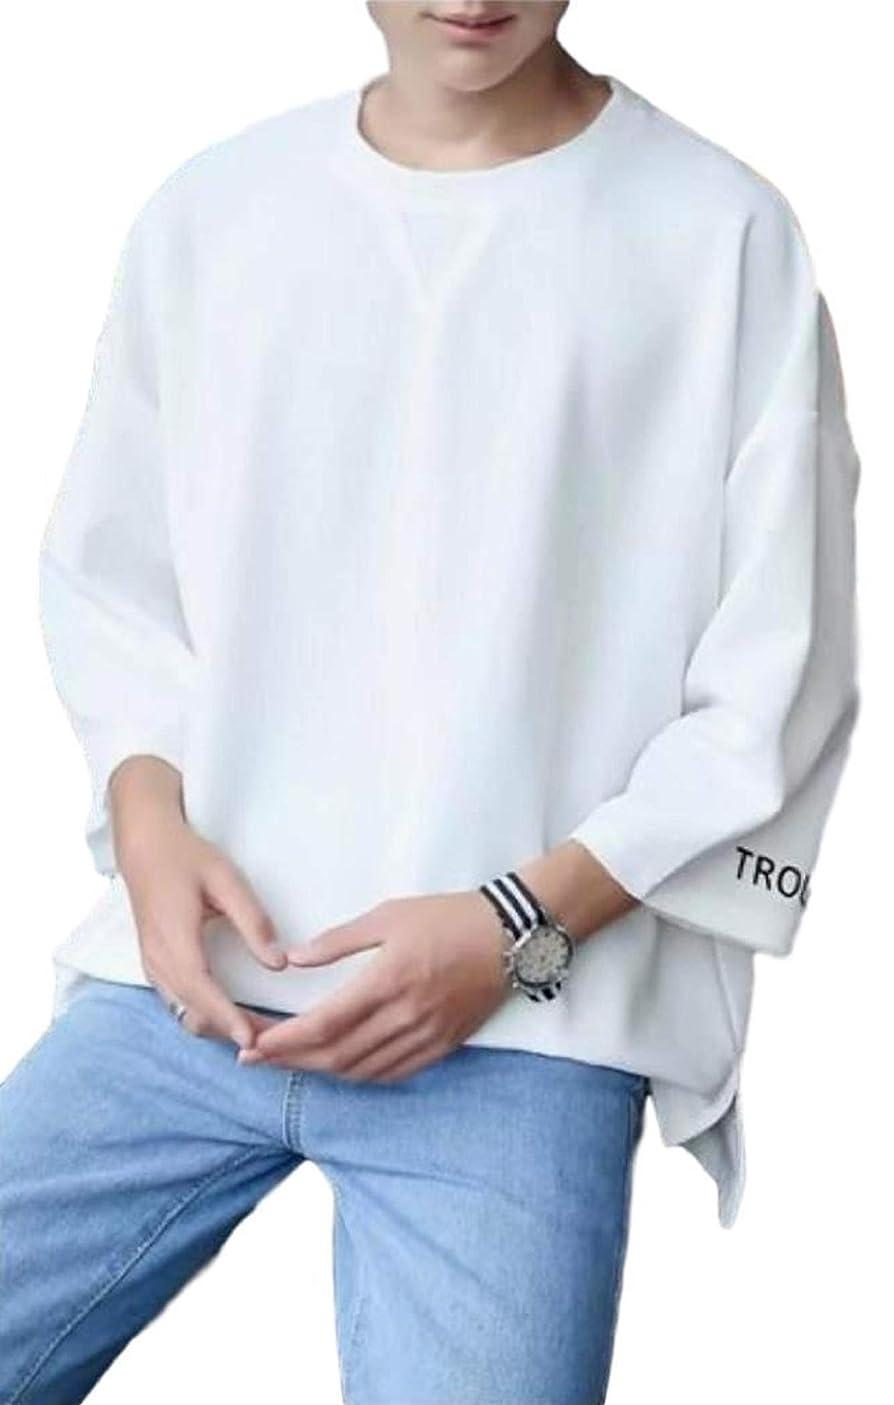 インサートブルジョンチョーク[アルトコロニー] オーバーサイズ tシャツ 大きい ロンt 七分袖 カットソー 格好いい ビッグシルエット M~ 2XL メンズ